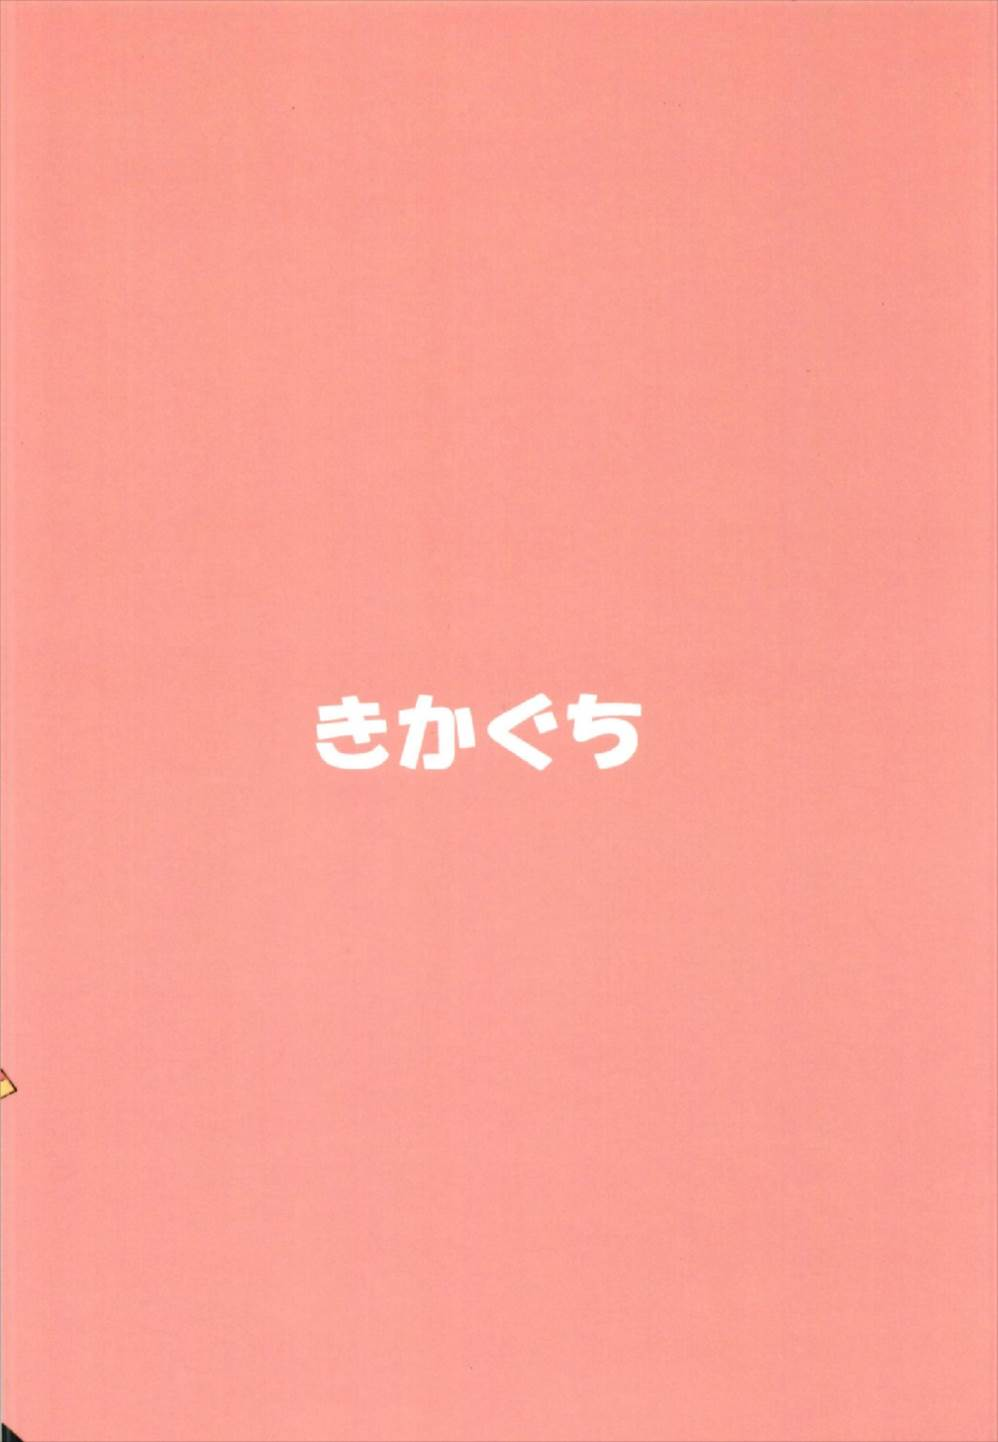 【FGO エロ漫画・エロ同人】マスターの匂いに発情したモードレッドがおまんこヌレヌレでマスターとセックスしちゃう♡ (25)